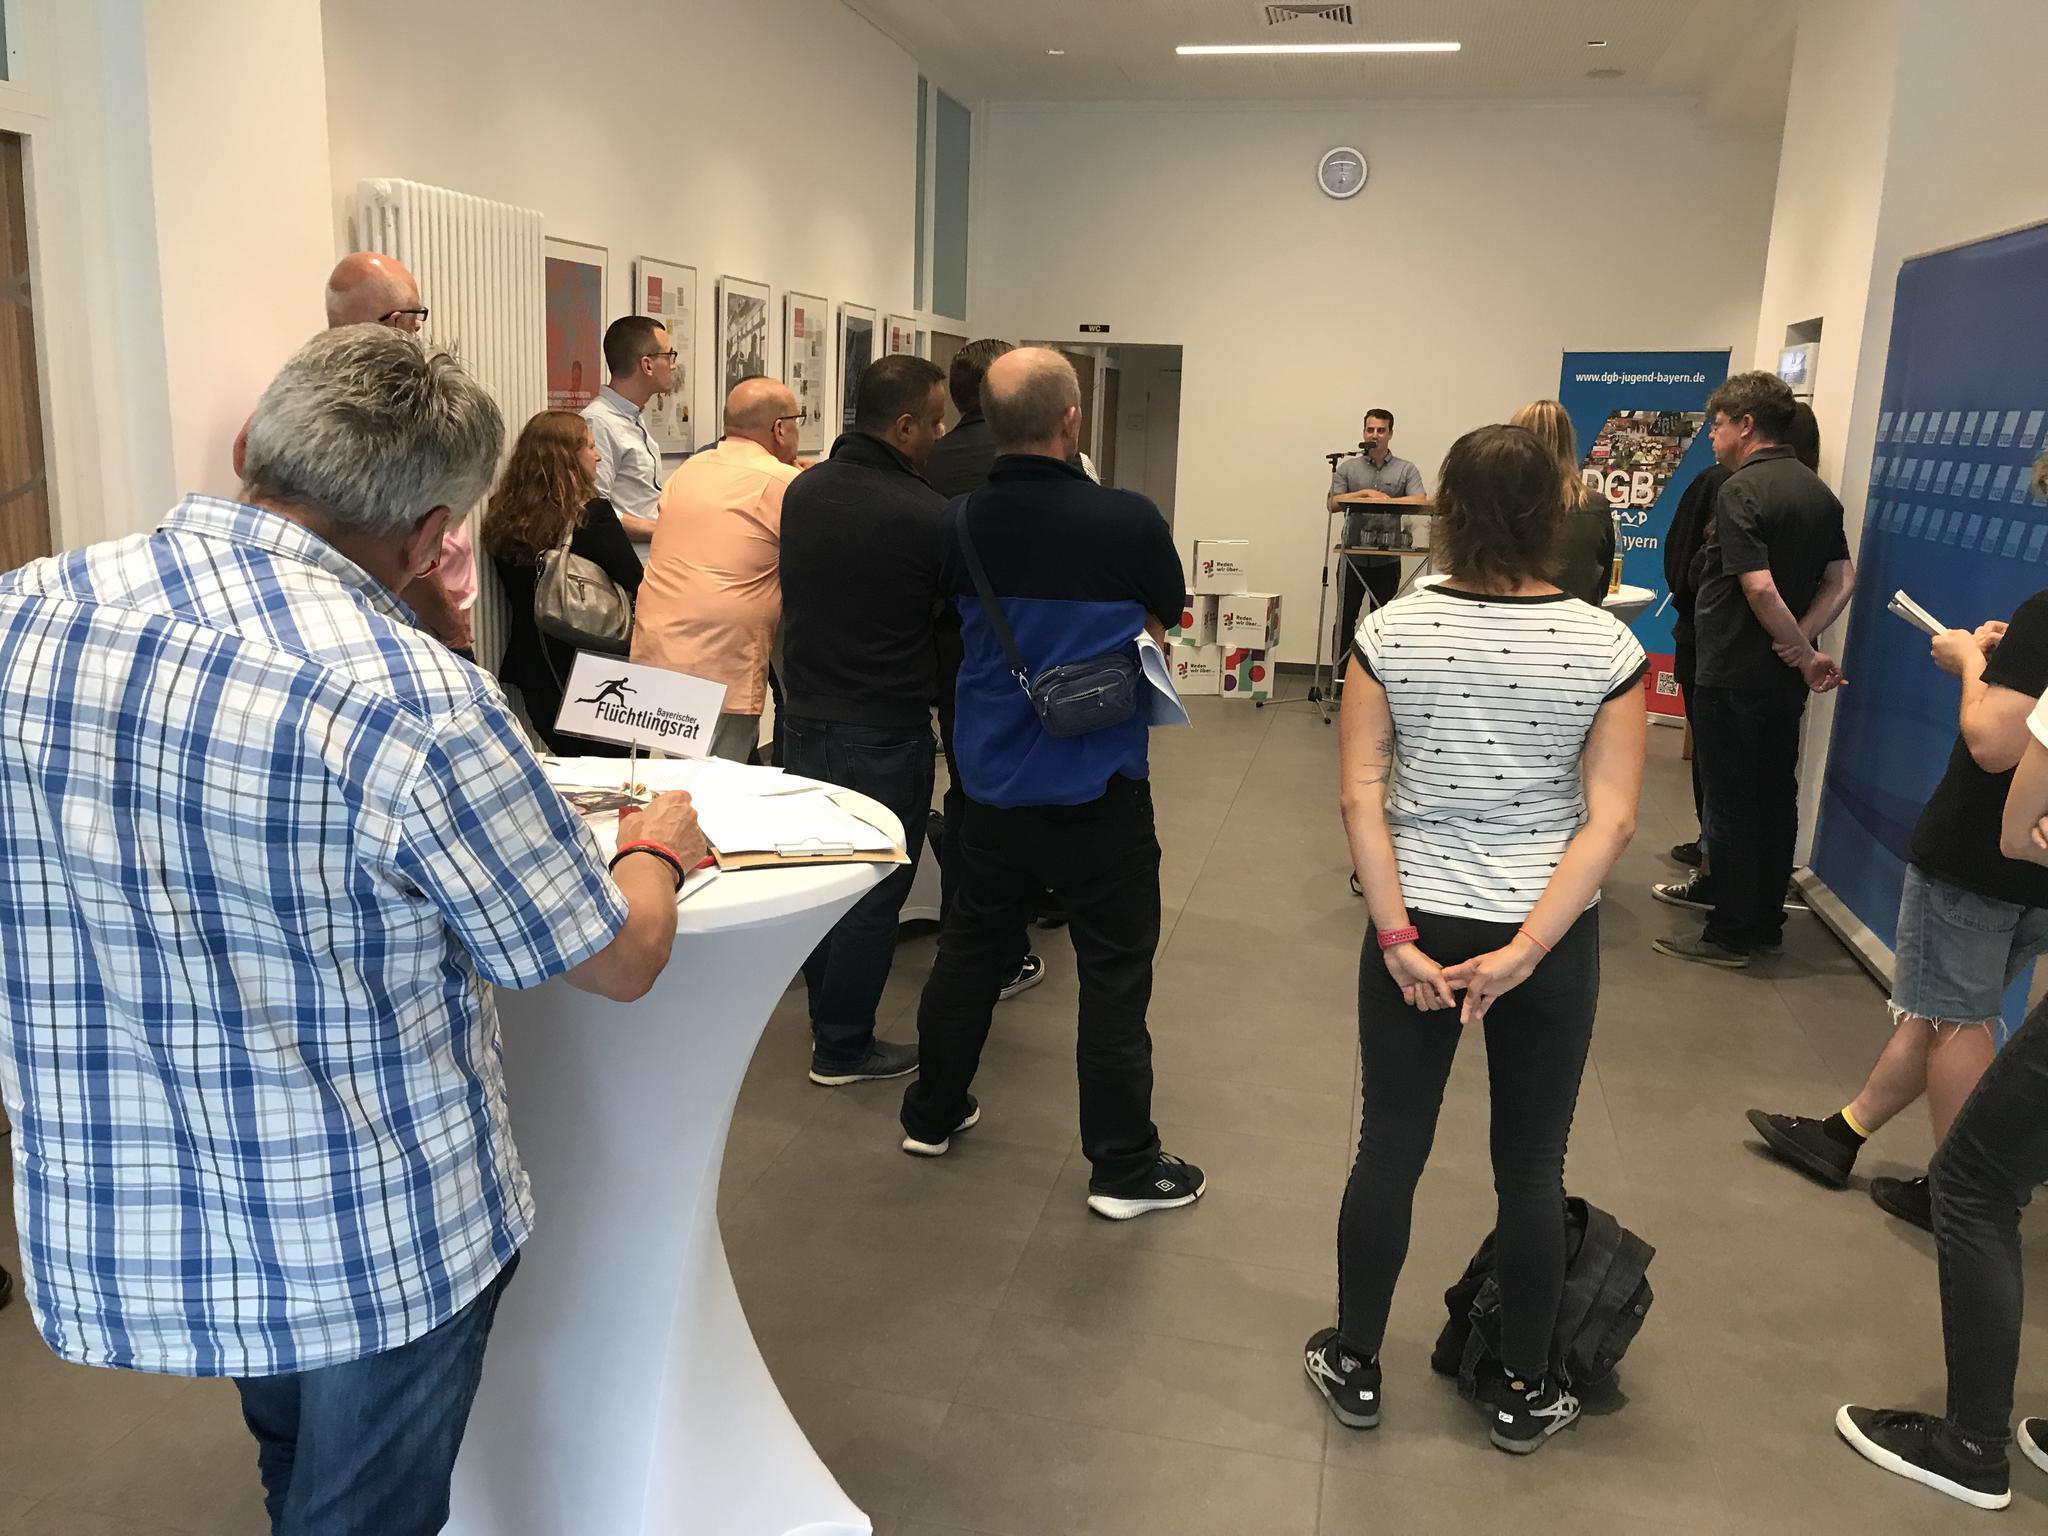 Eröffnung der Ausstellung im Gewerkschaftshaus